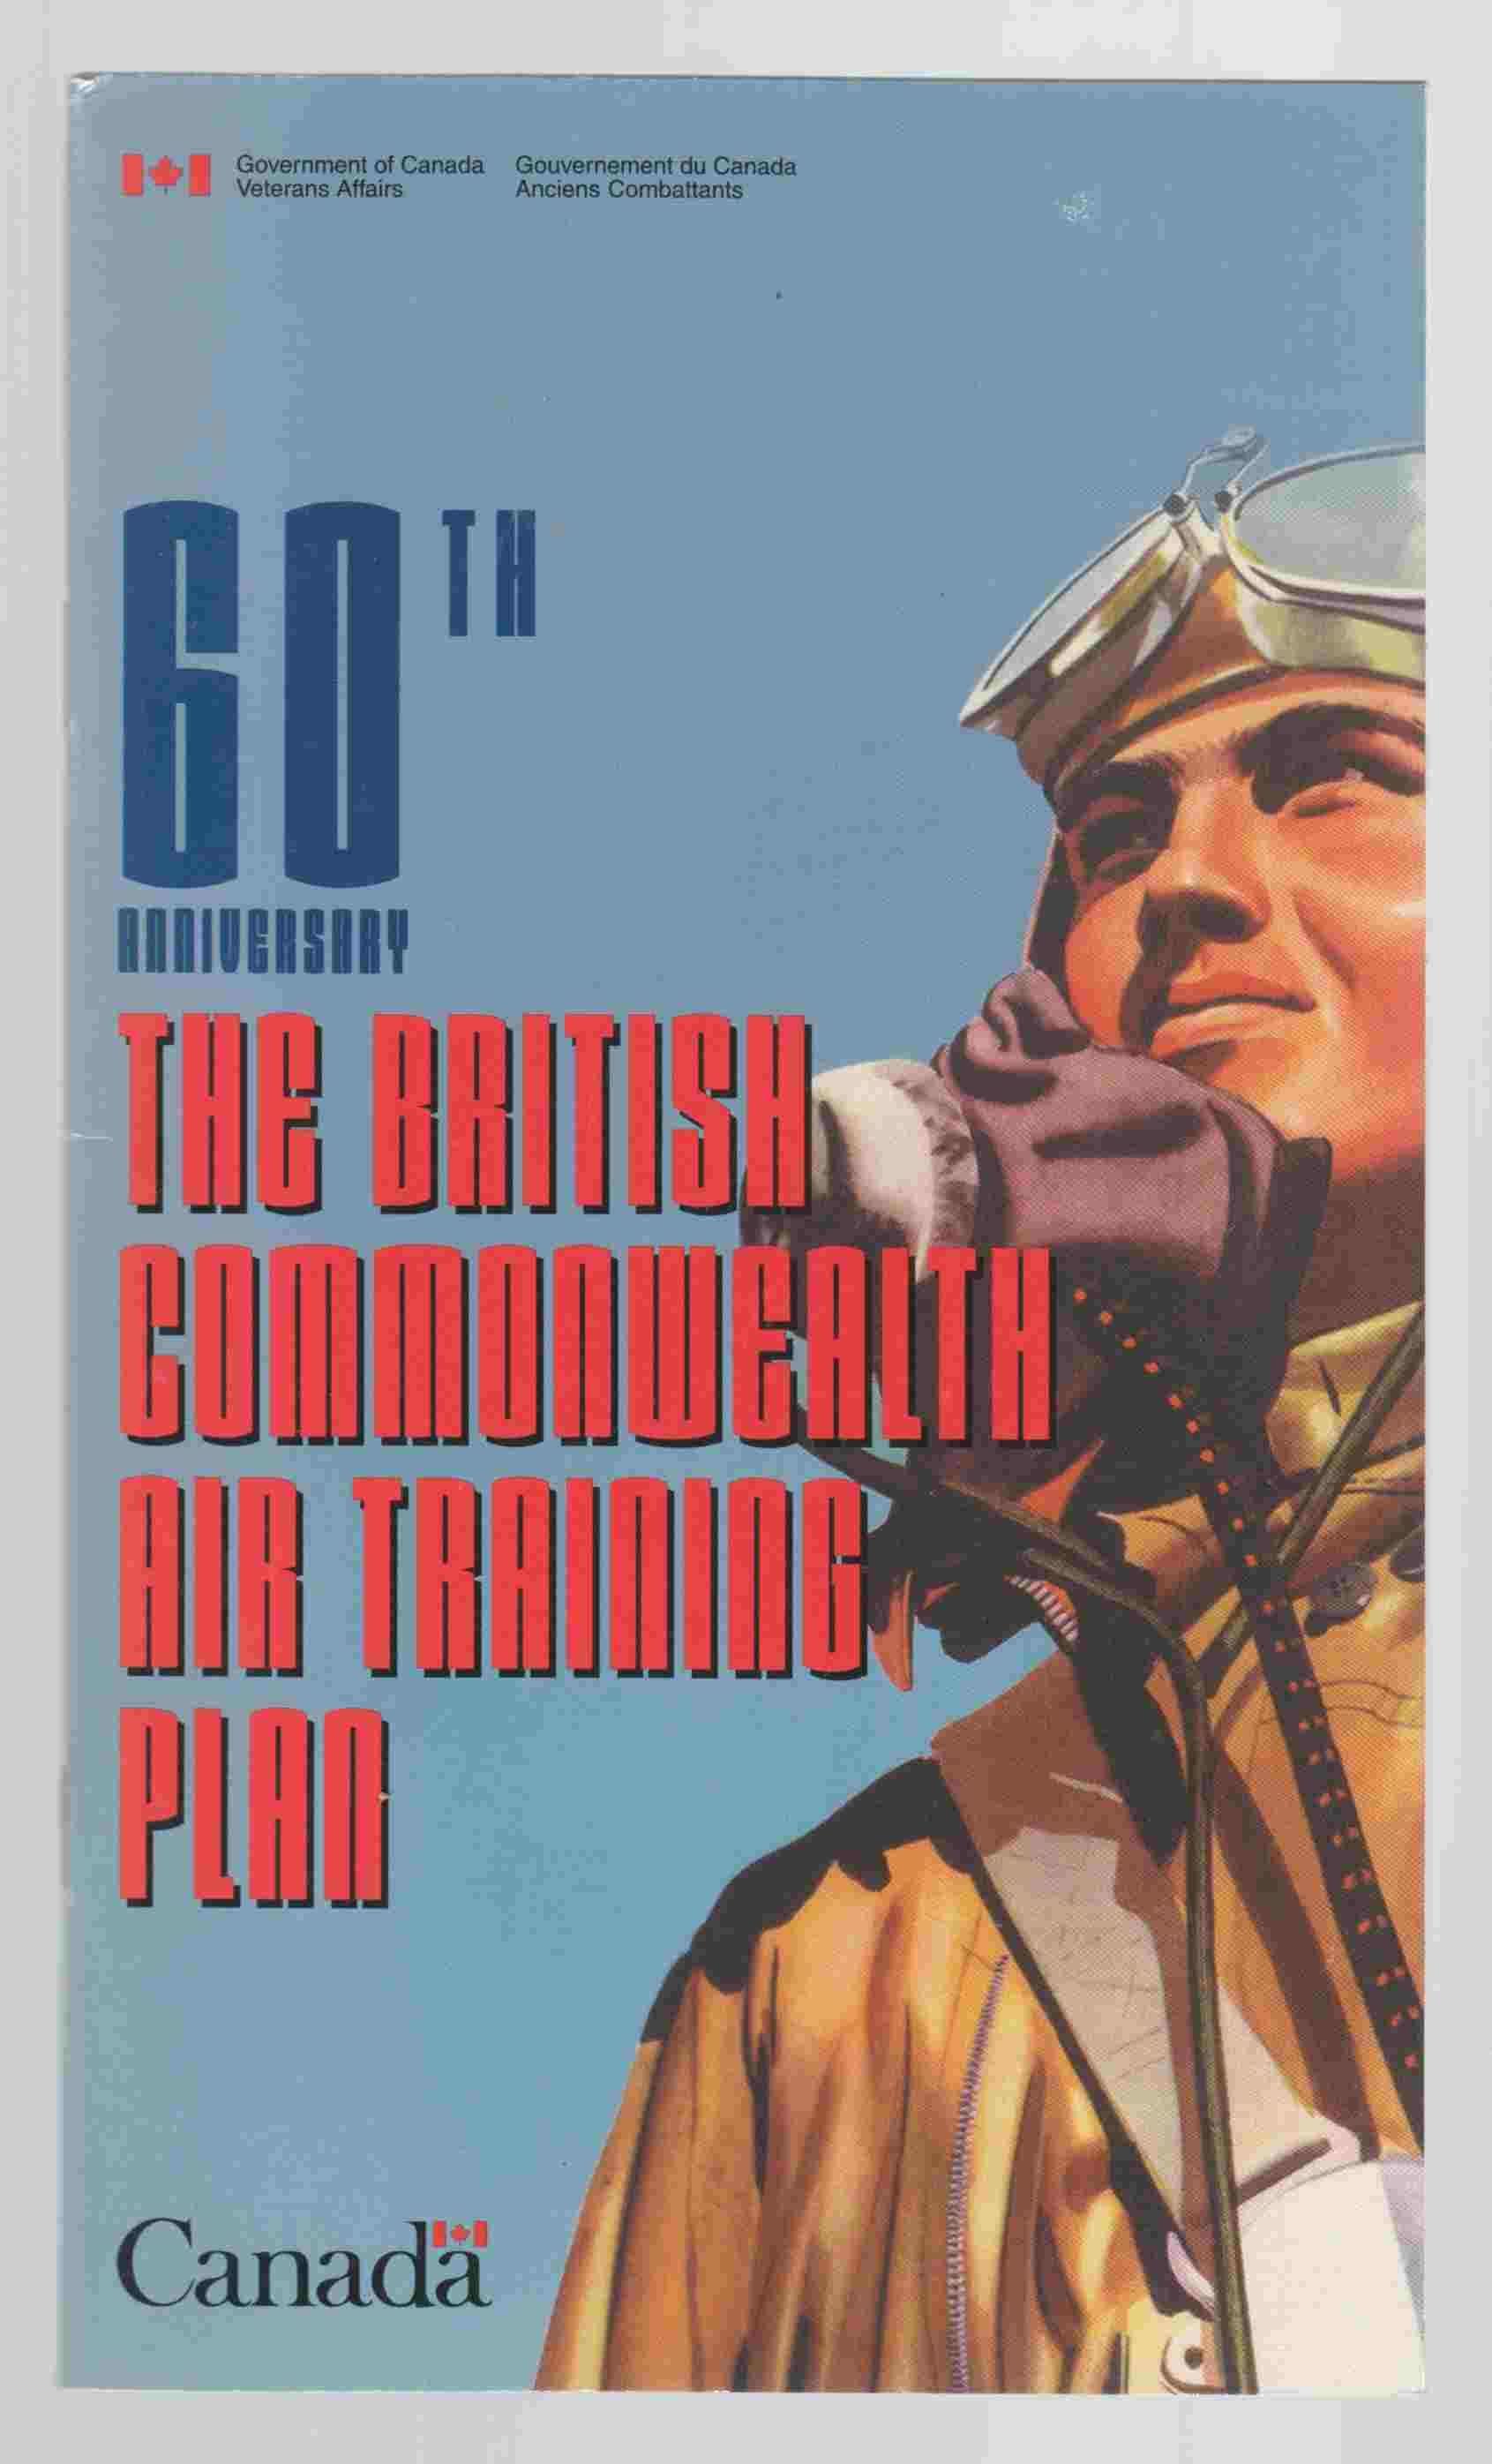 british commonwealth air training plan essay Posts about british commonwealth air training plan written by karen stewart.